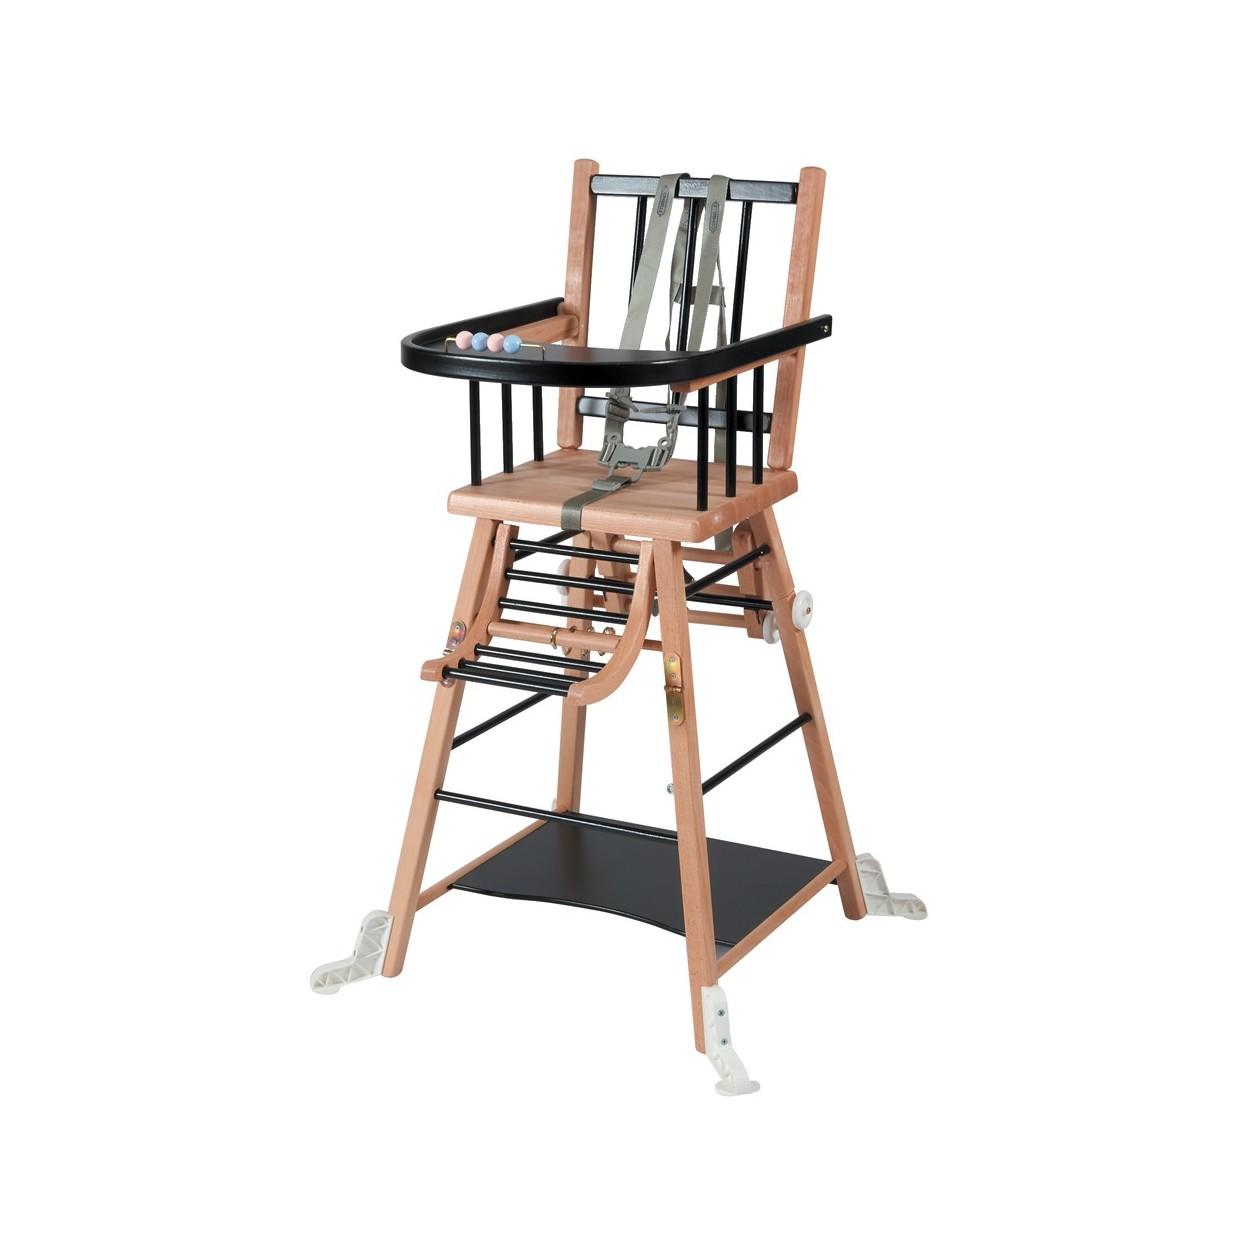 Chaise haute bébé en bois  bicolore noir - 57x95 cm